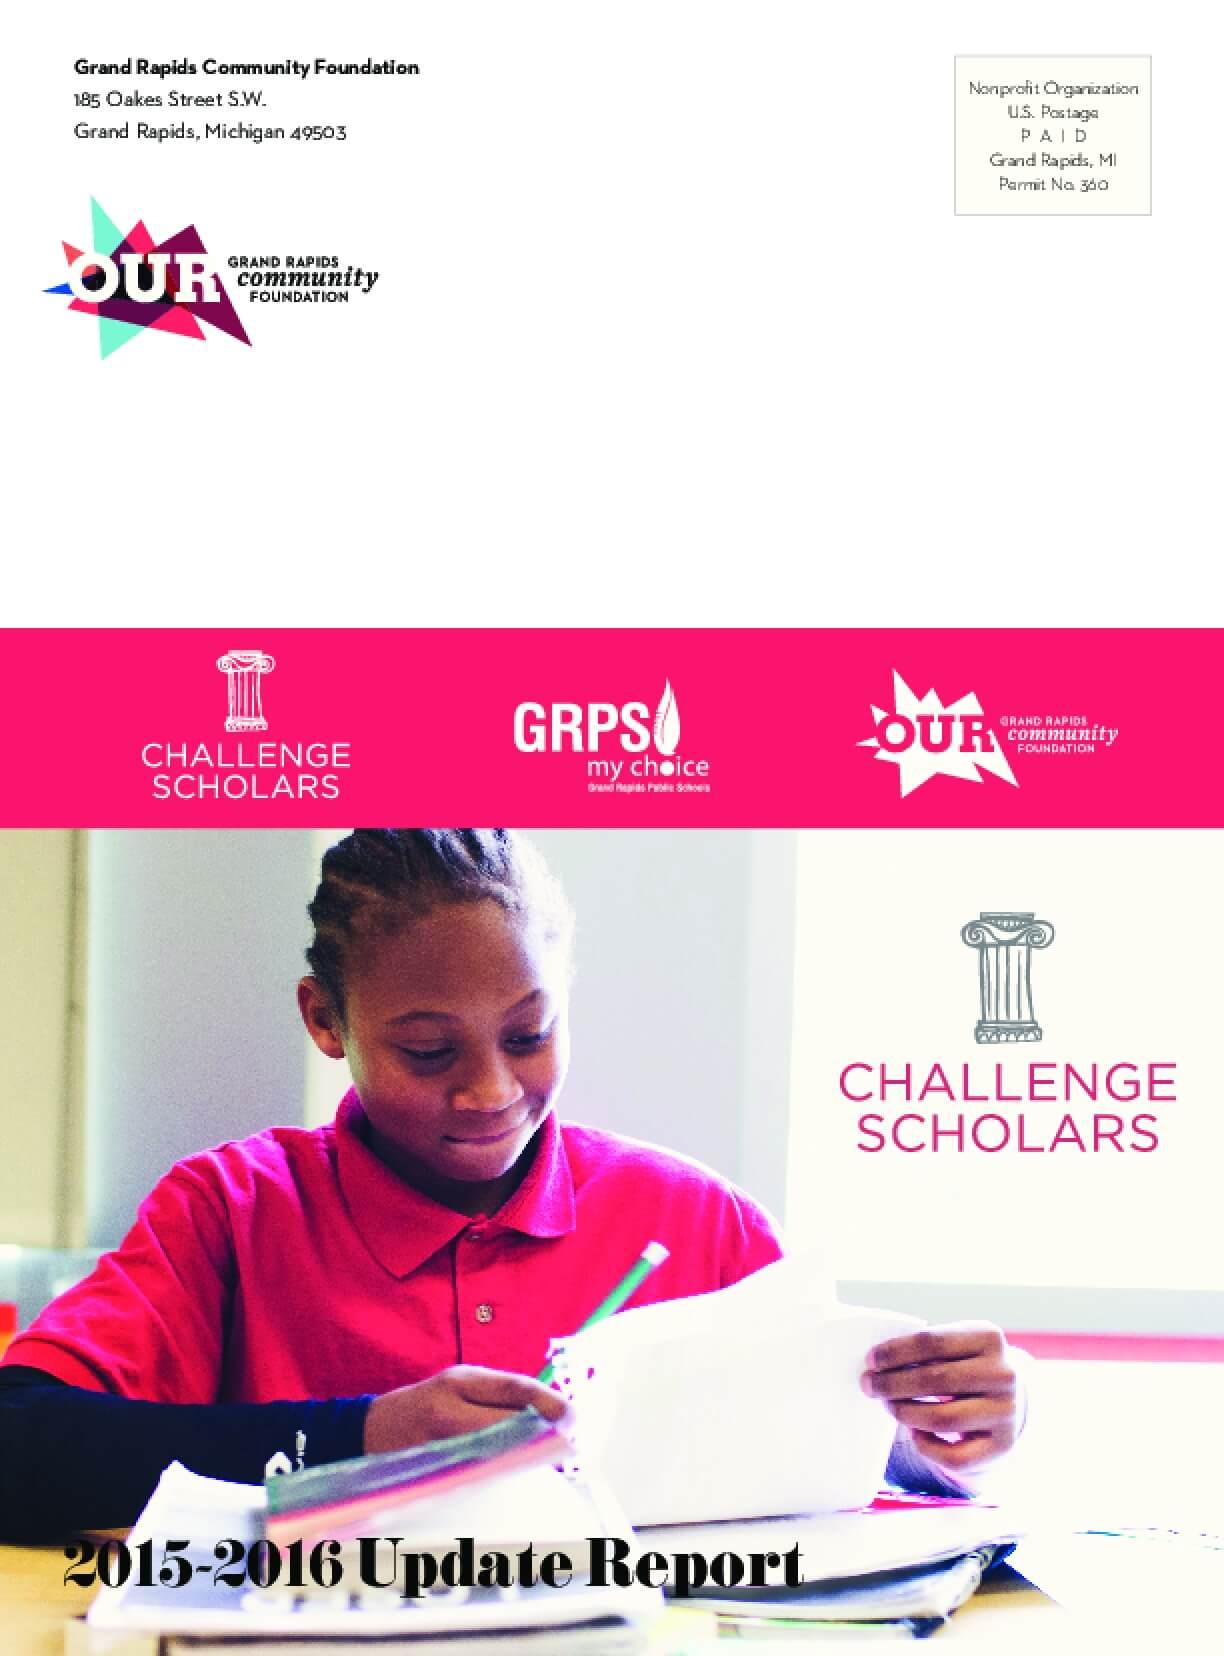 Challenge Scholars 2015-2016 Update Report